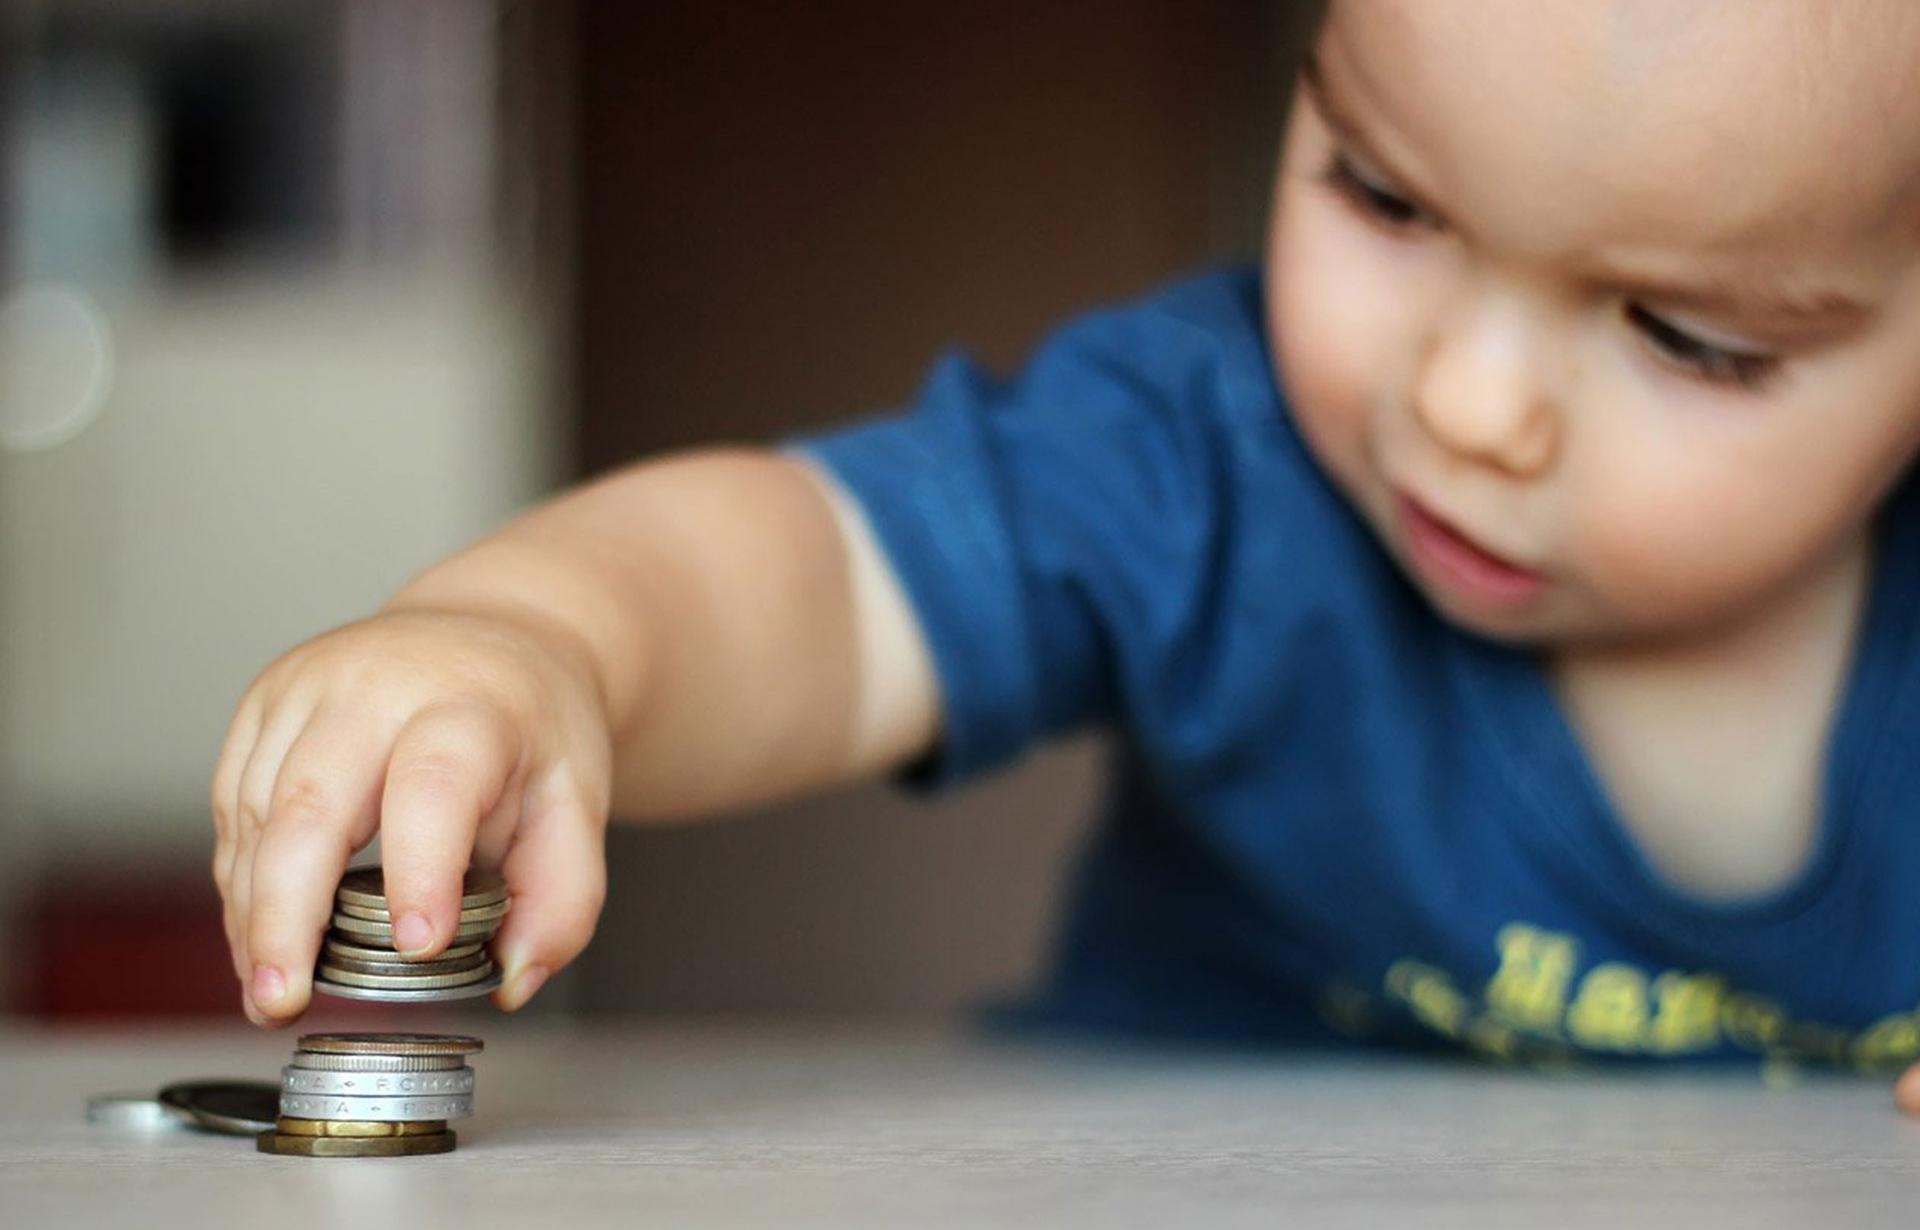 Пособия на детей от 3 до 7 лет по новым правилам: приняты все необходимые нормативные правовые акты - новости Афанасий